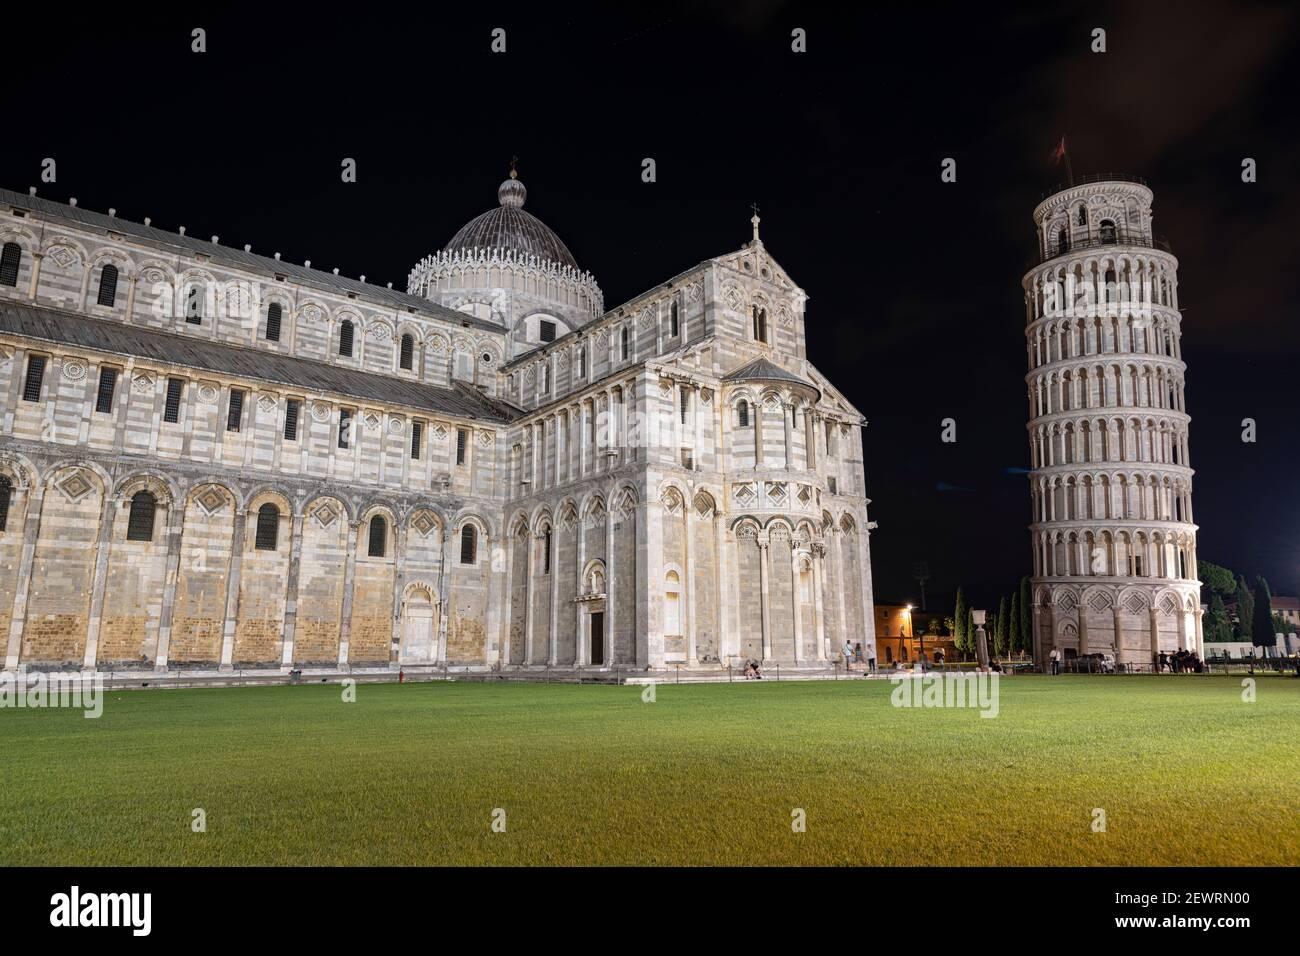 Cathédrale (Duomo) et Tour penchée la nuit, Piazza Dei Miracoli, site classé au patrimoine mondial de l'UNESCO, Pise, Toscane, Italie, Europe Banque D'Images